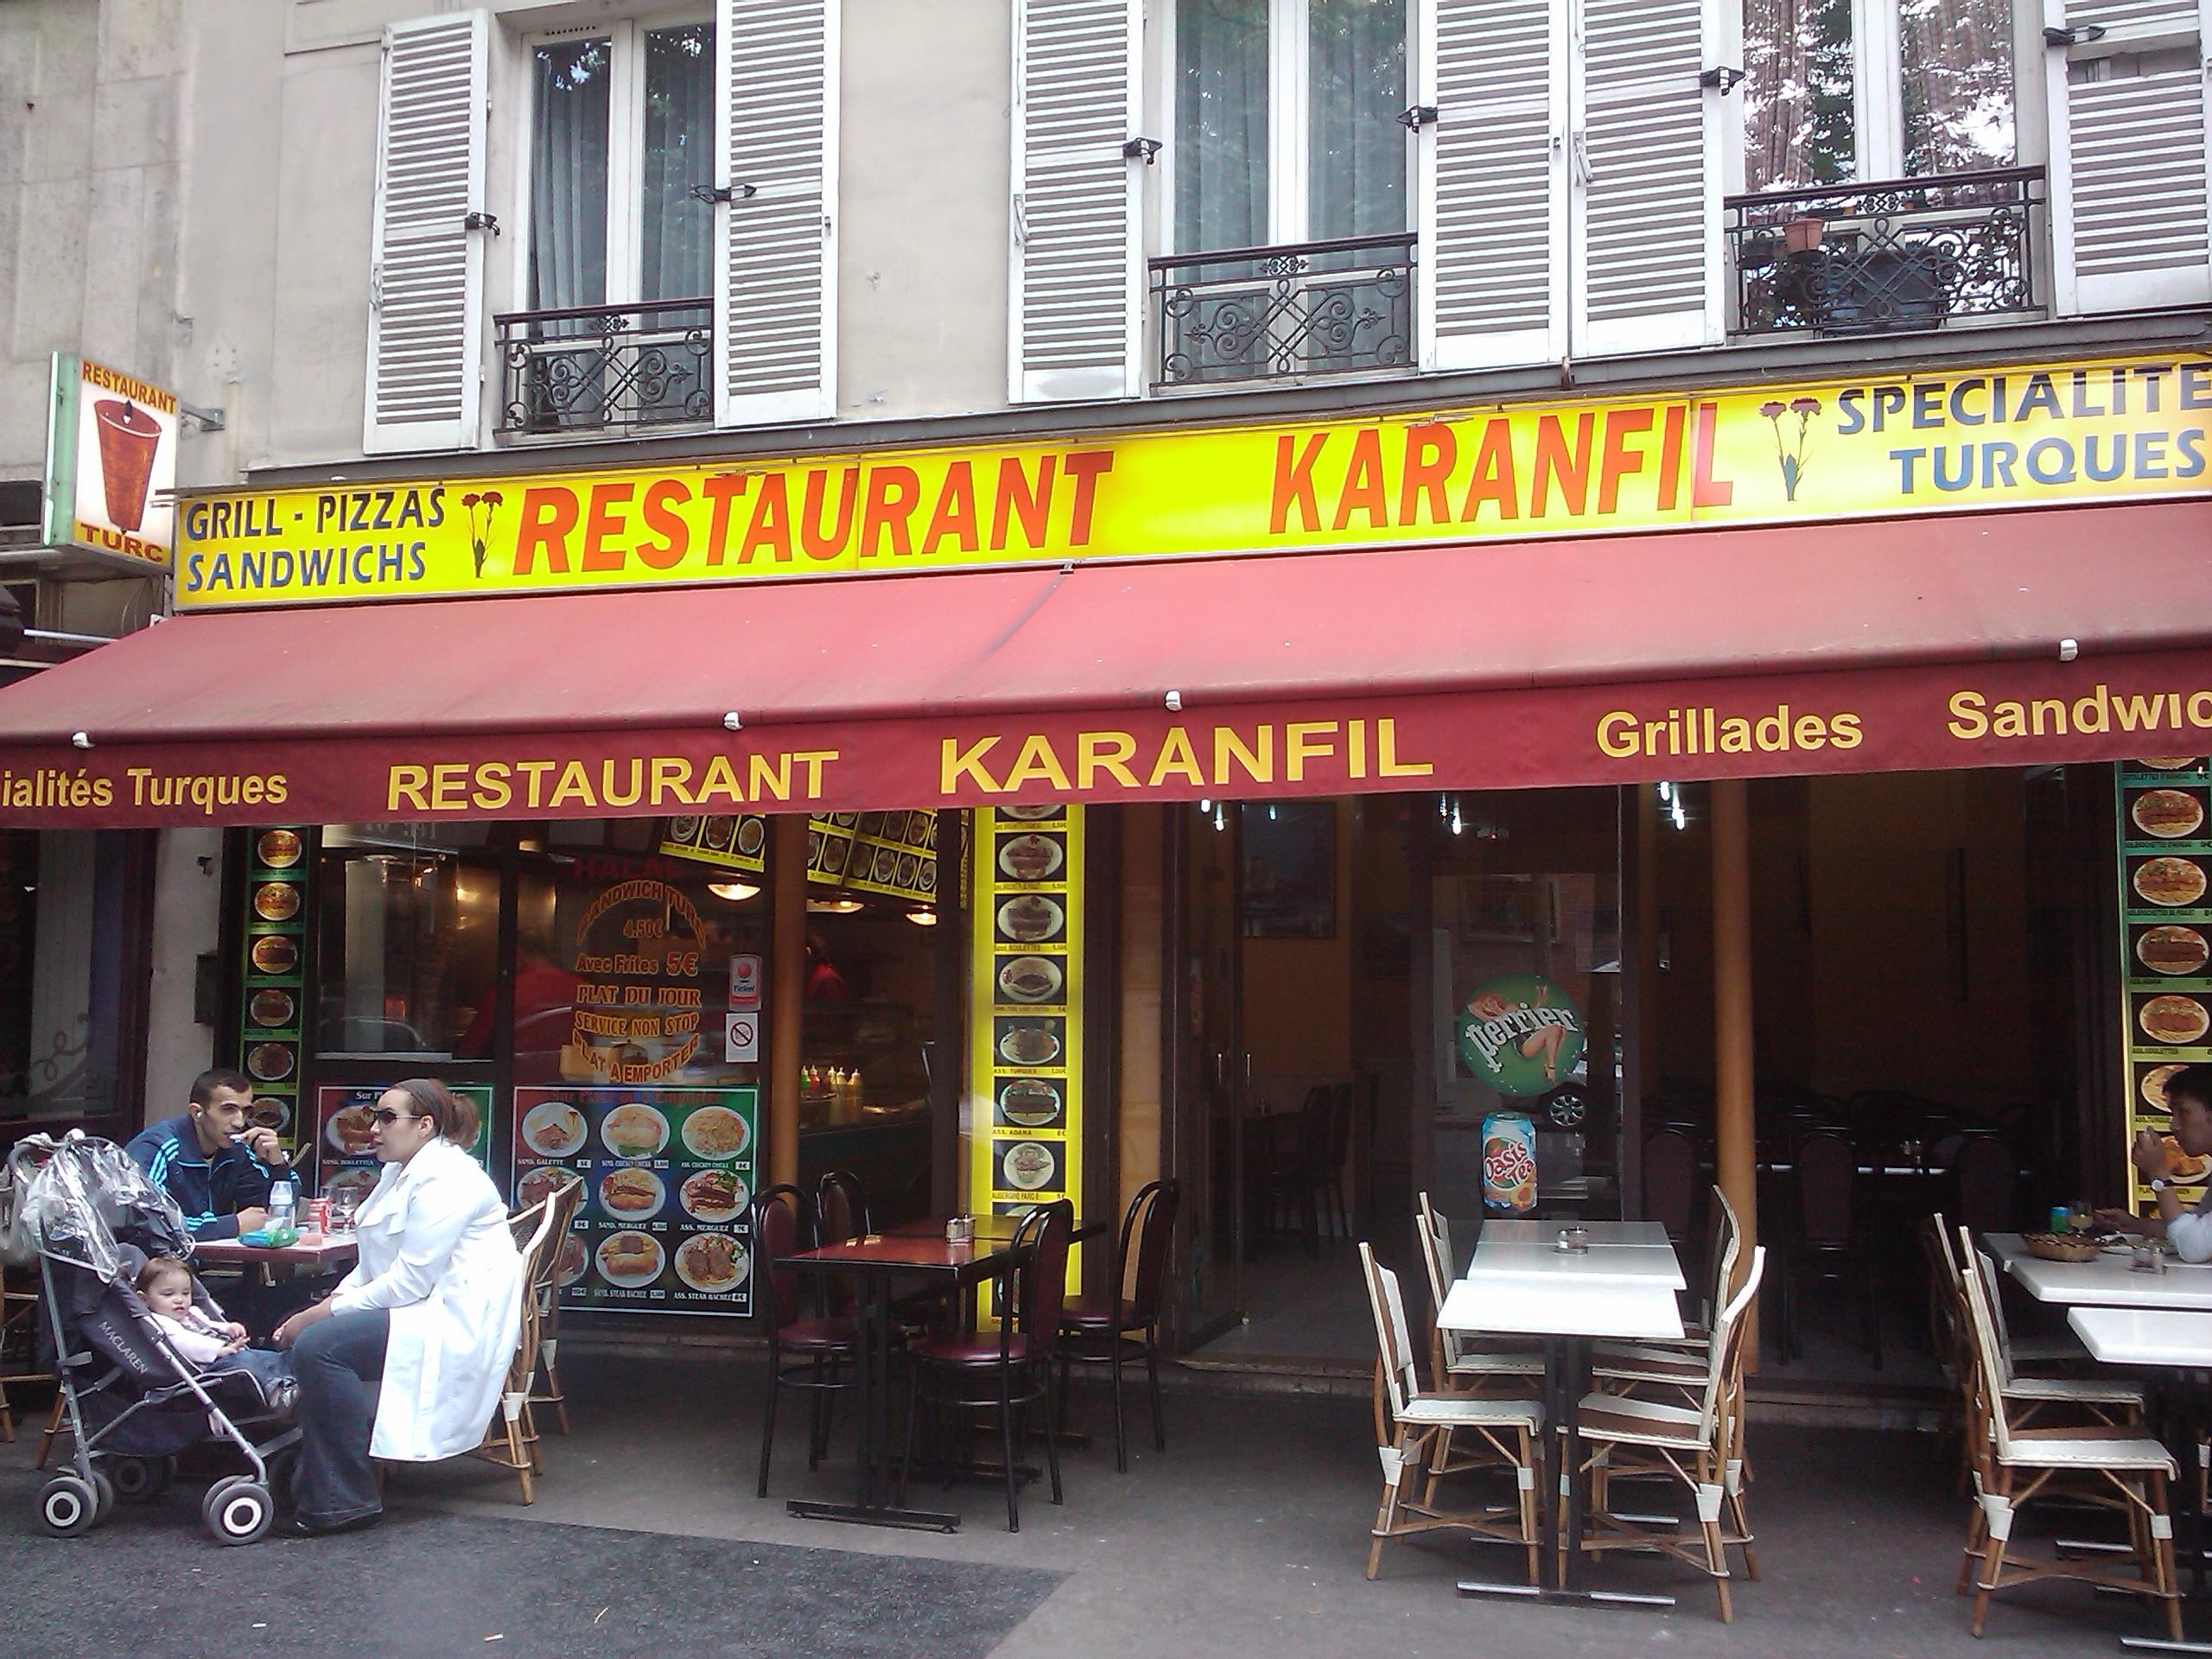 Karanfil à Paris 12